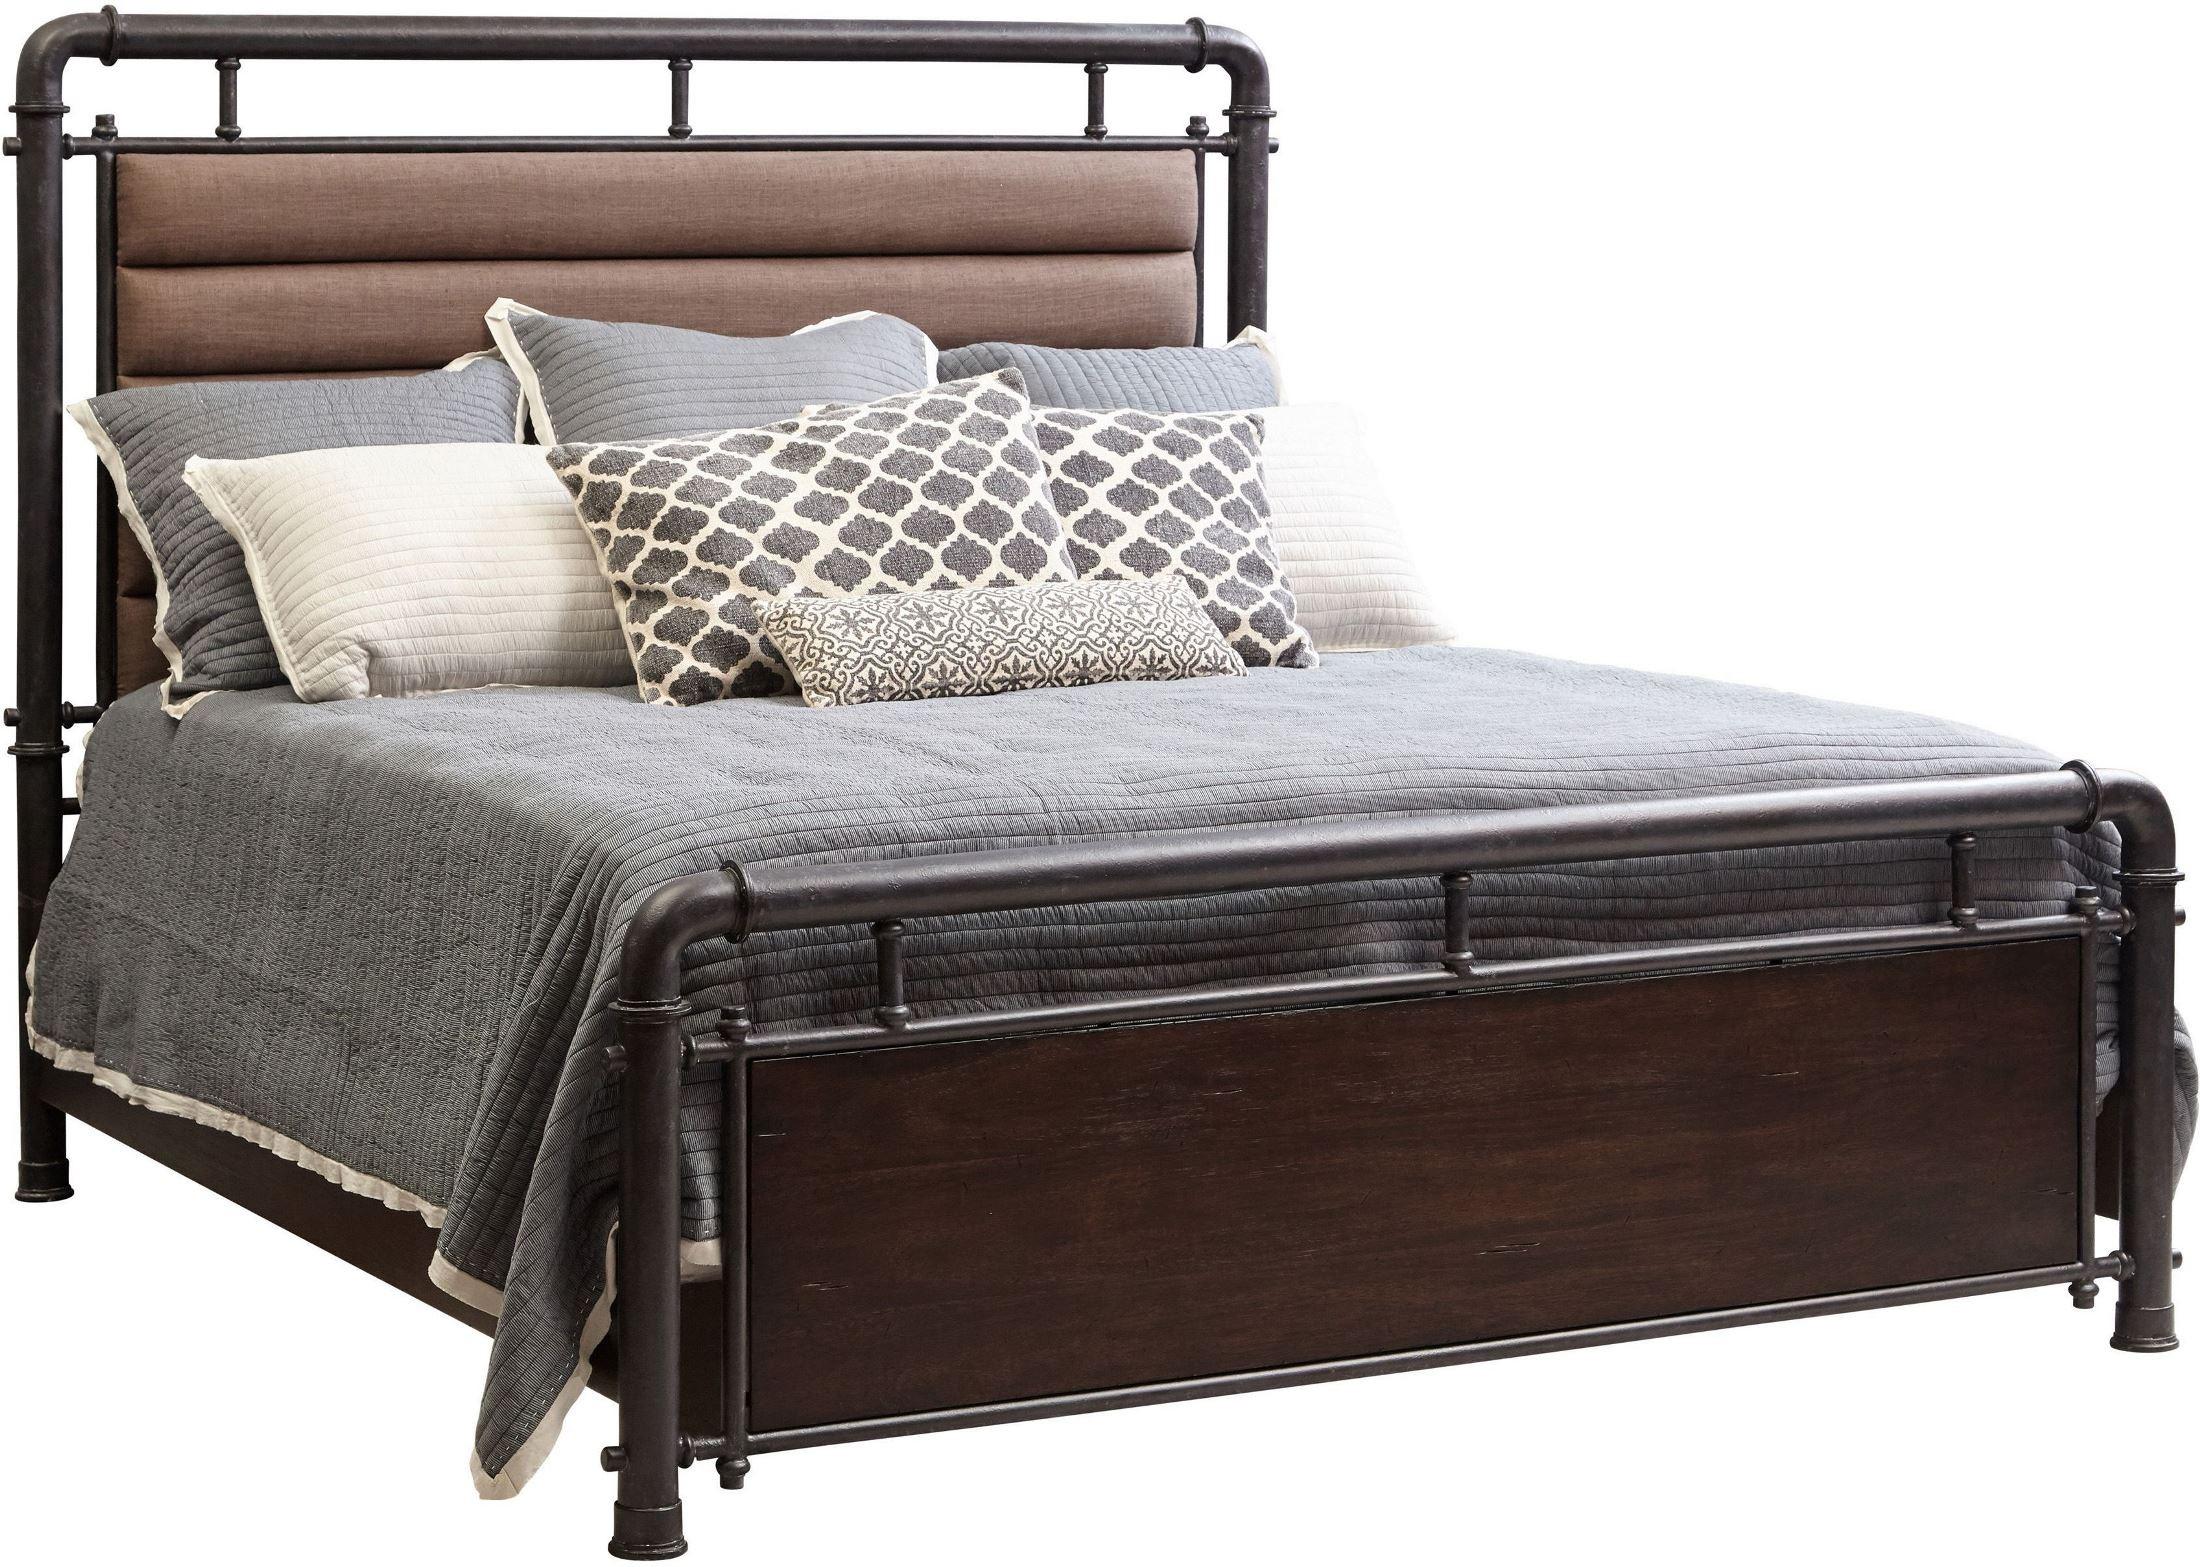 Queen Metal Bed: Fulton St. Brown Queen Metal Bed From Samuel Lawrence